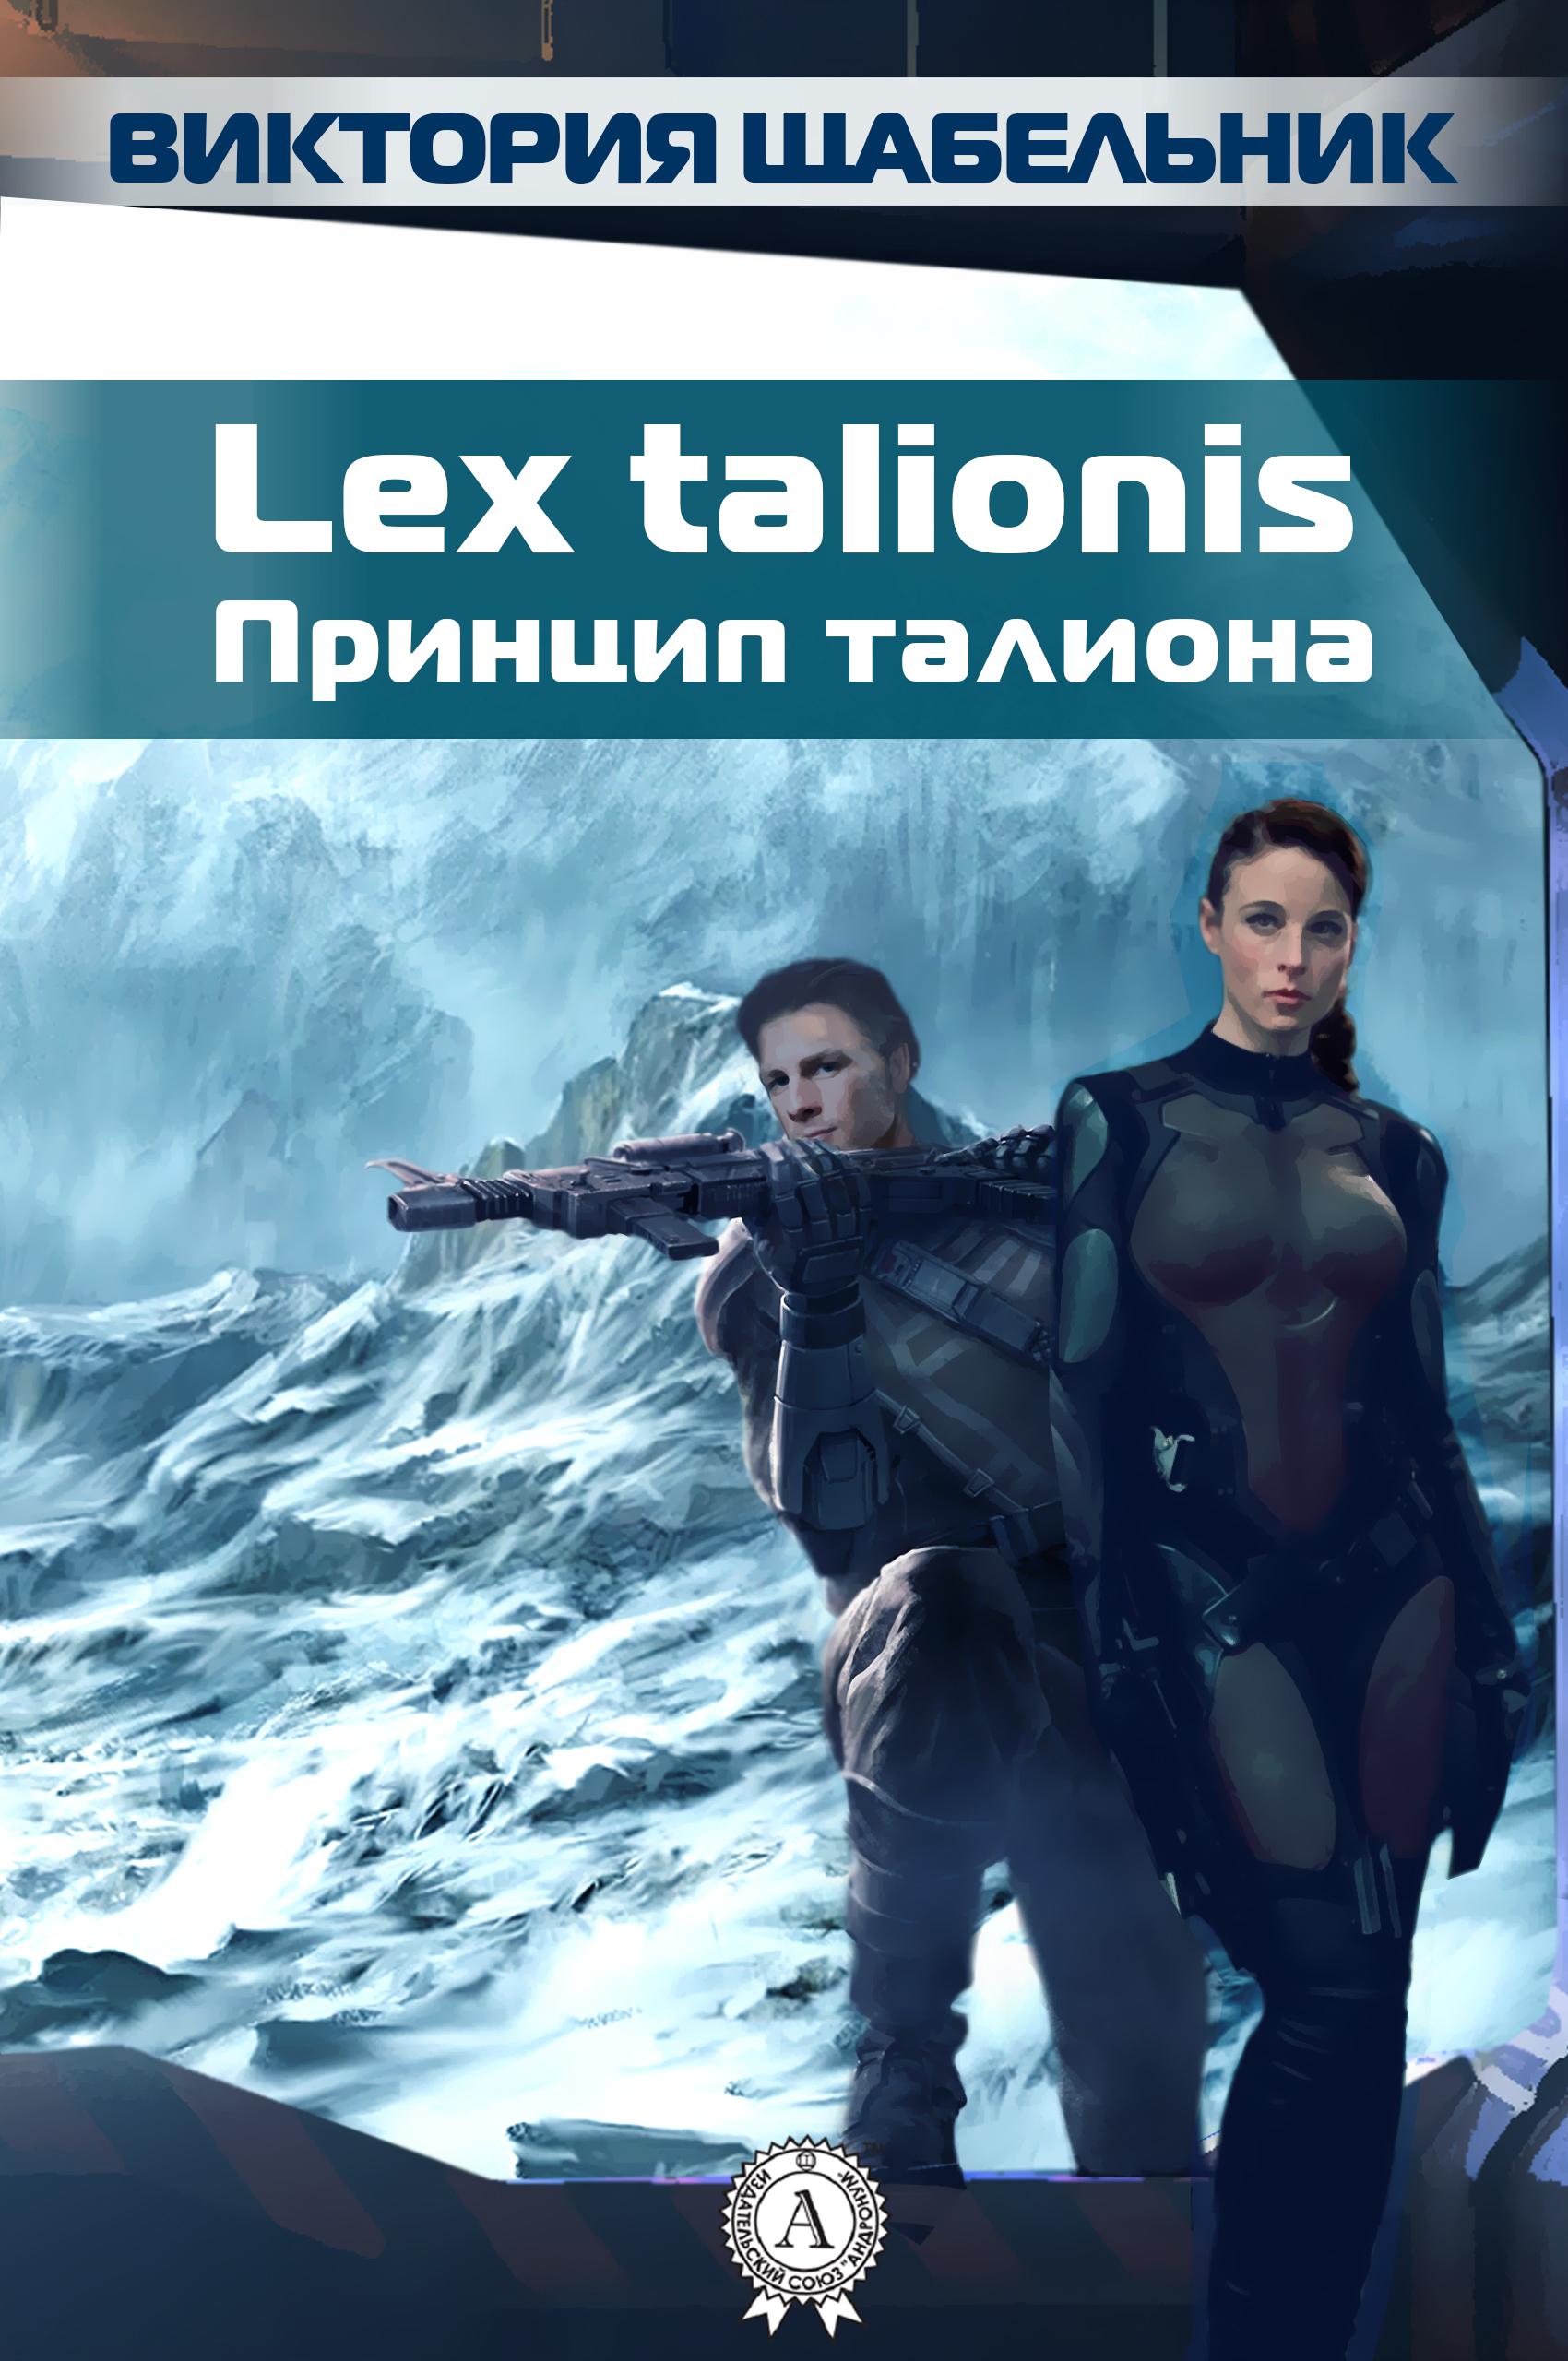 Виктория Щабельник Lex talionis (Принцип талиона) валентина орлова принцип талиона